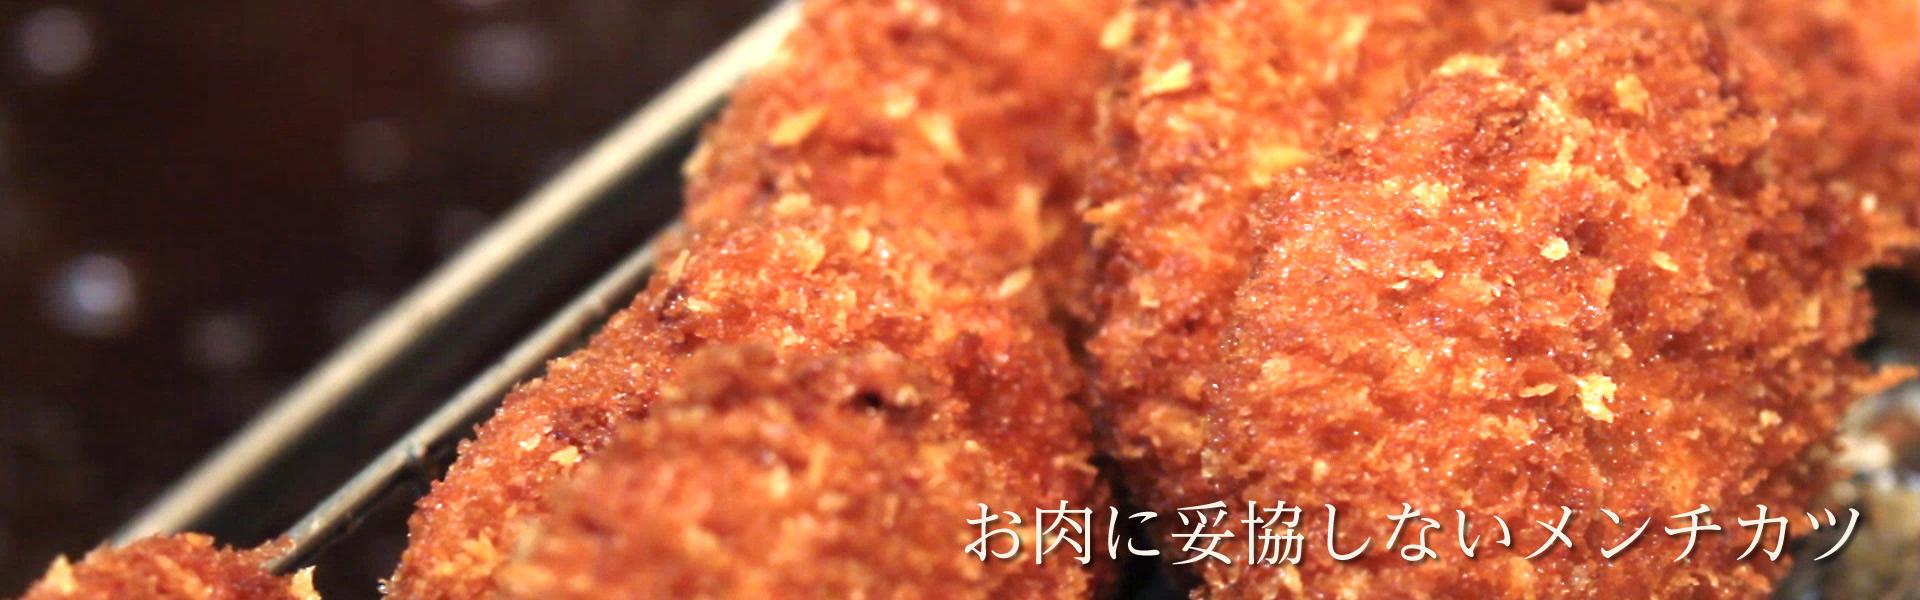 肉にいろはのお惣菜(メンチカツ)